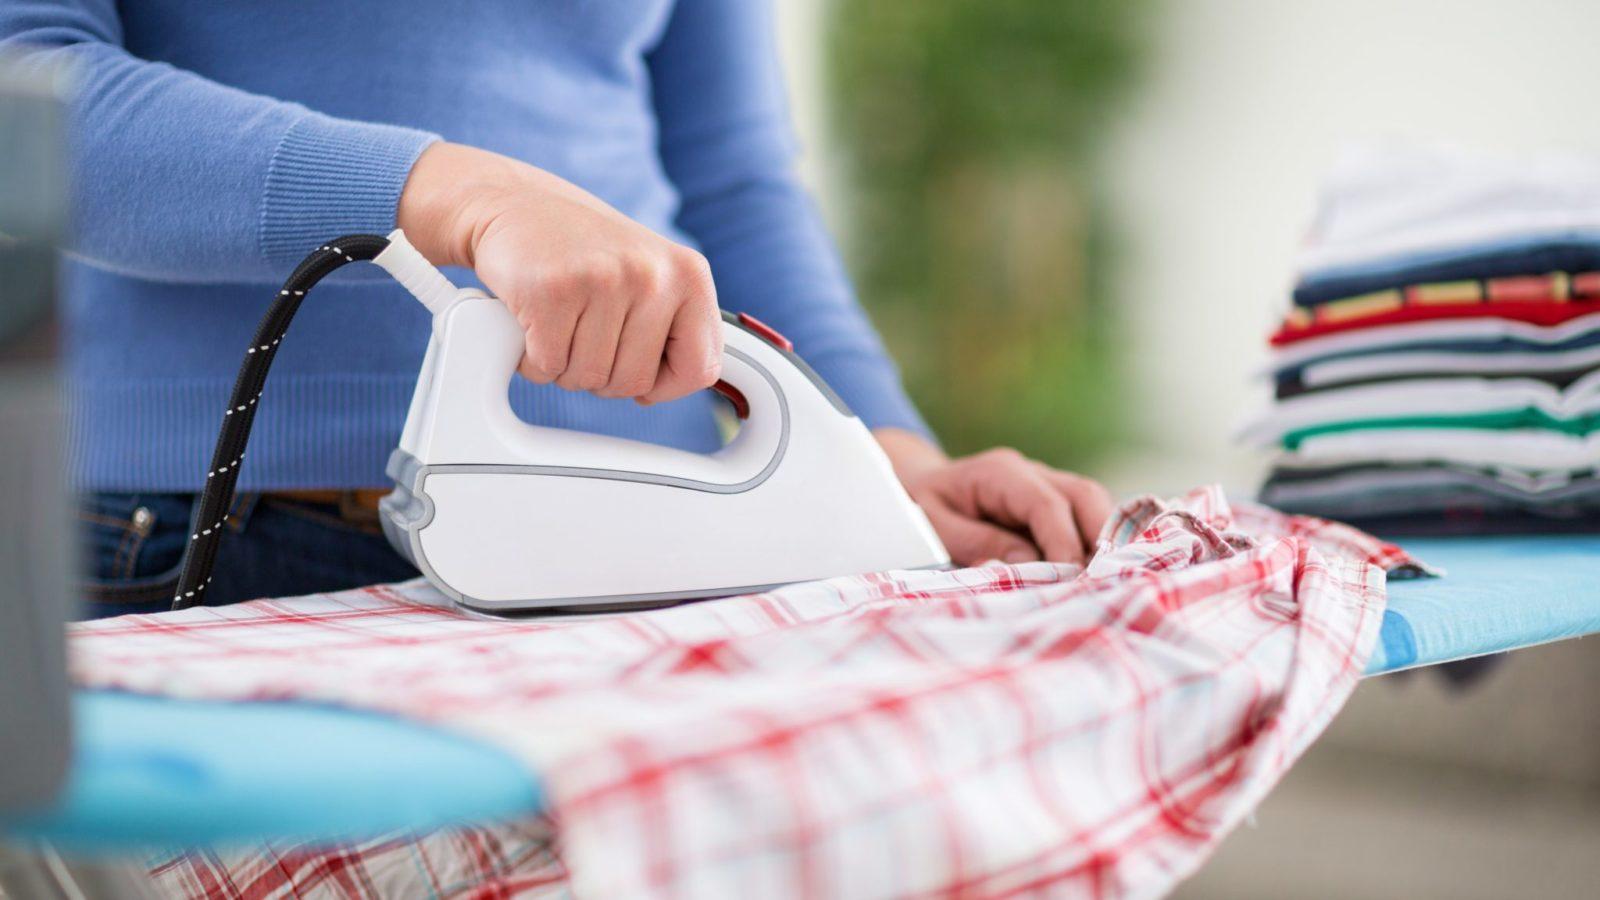 ironing, housework